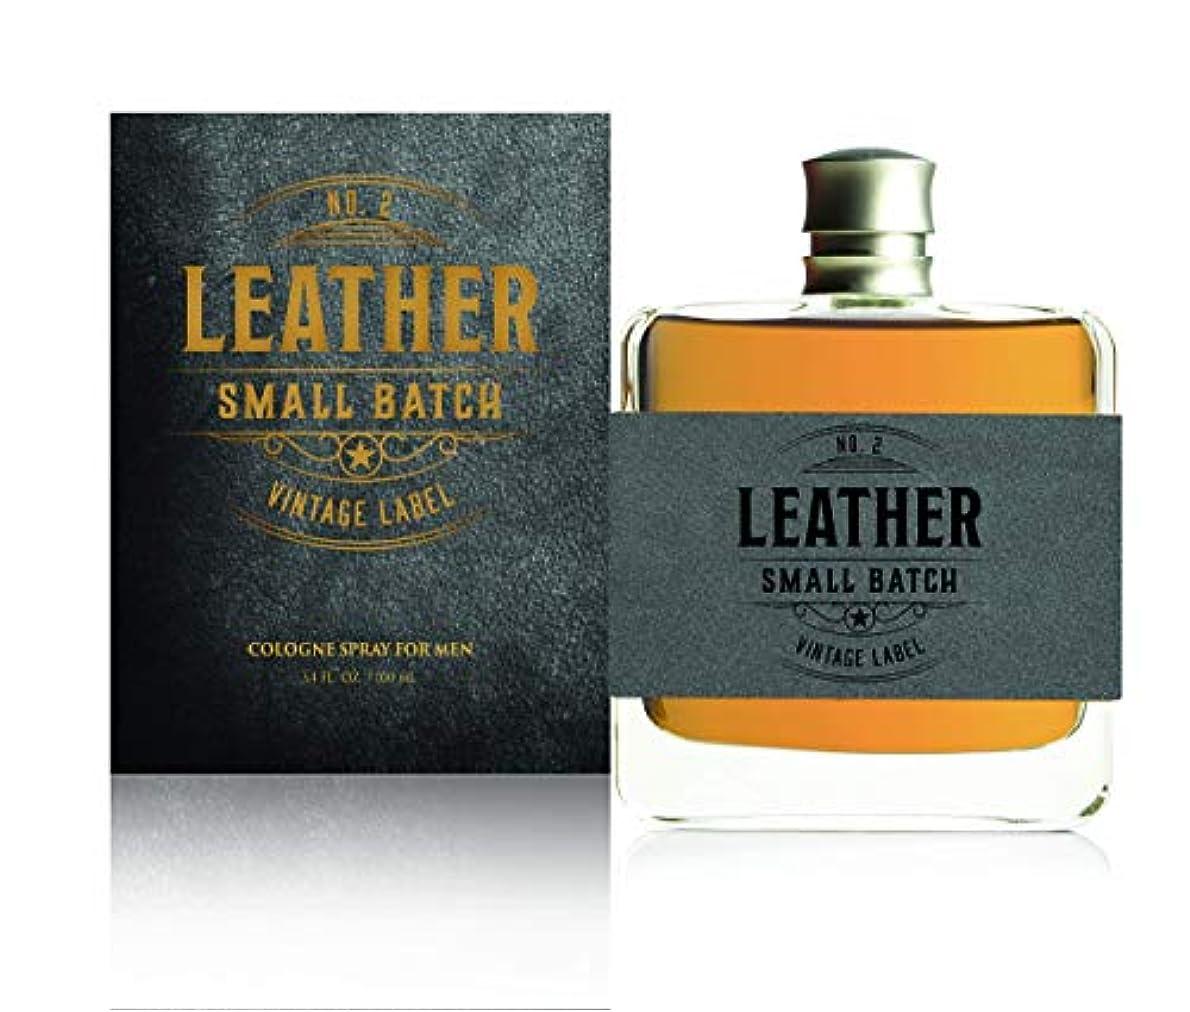 美しいスツールフィクションTru Fragrance & Beauty 男性用レザー第2小ロットヴィンテージはラベル-本格フレグランス香水 - 大胆な男性の香り - ウッディノート - 3.4オズ